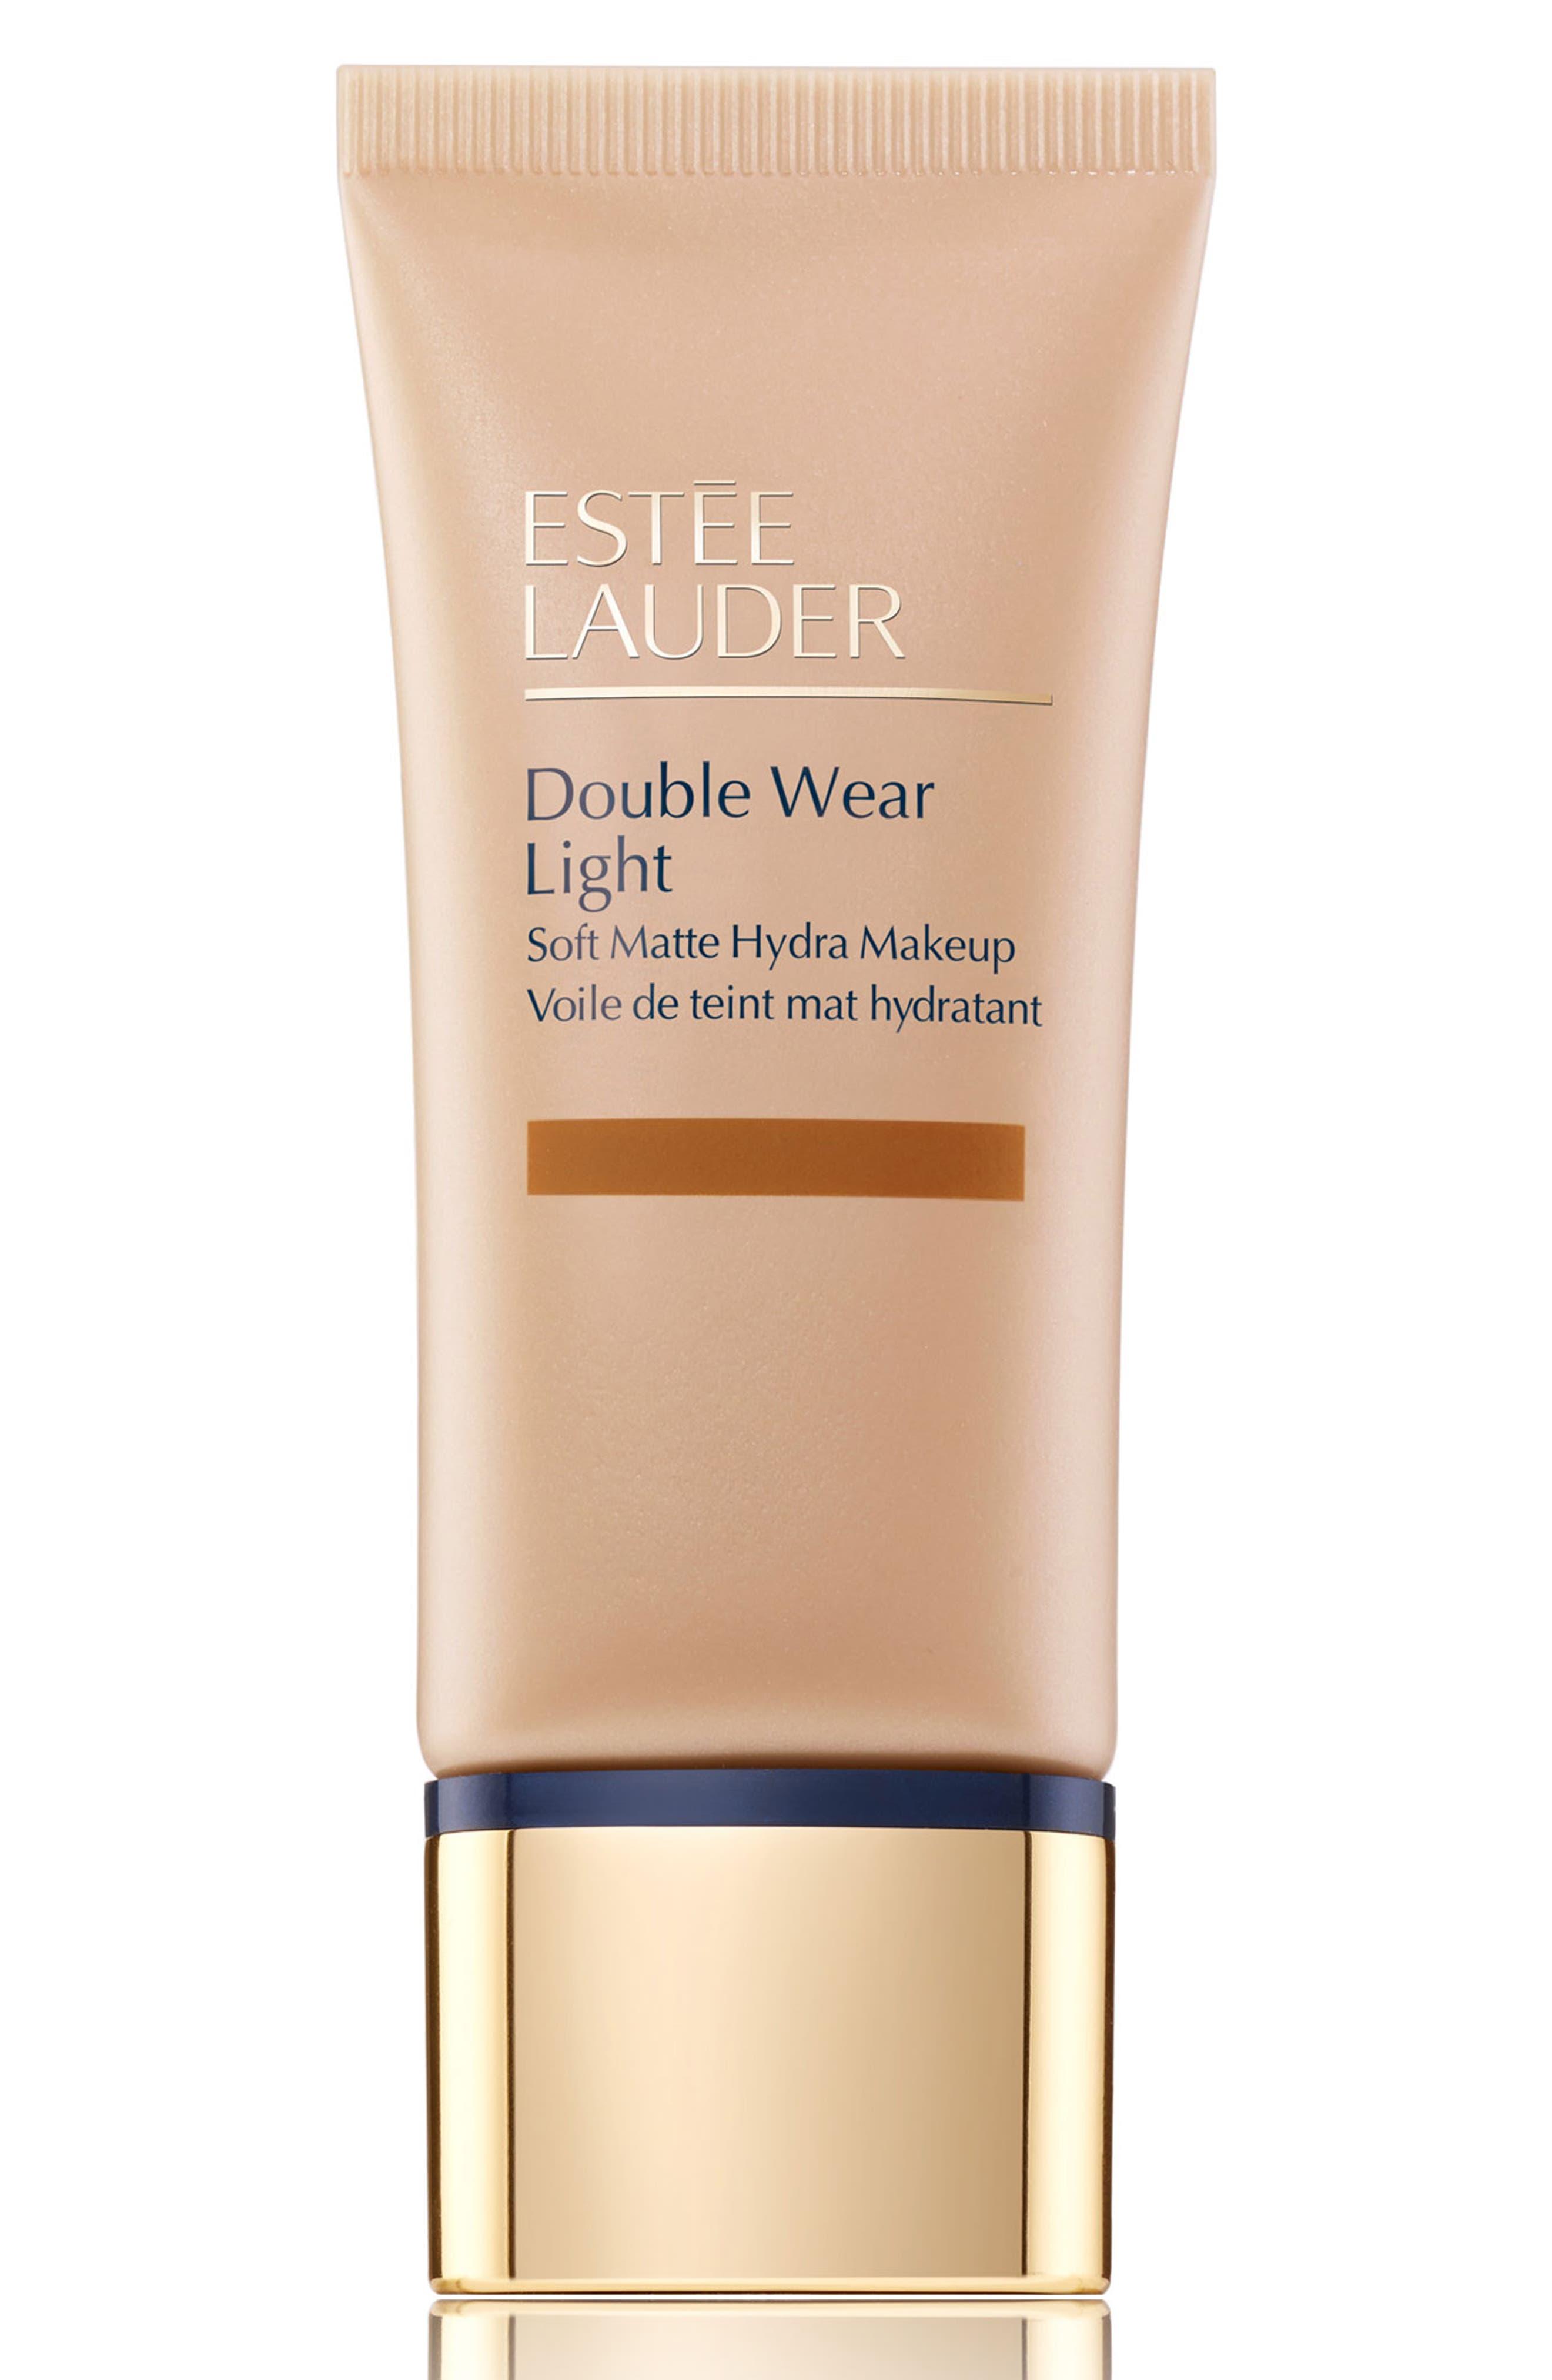 Estee Lauder Double Wear Light Soft Matte Hydra Makeup - 5N2 Amber Honey